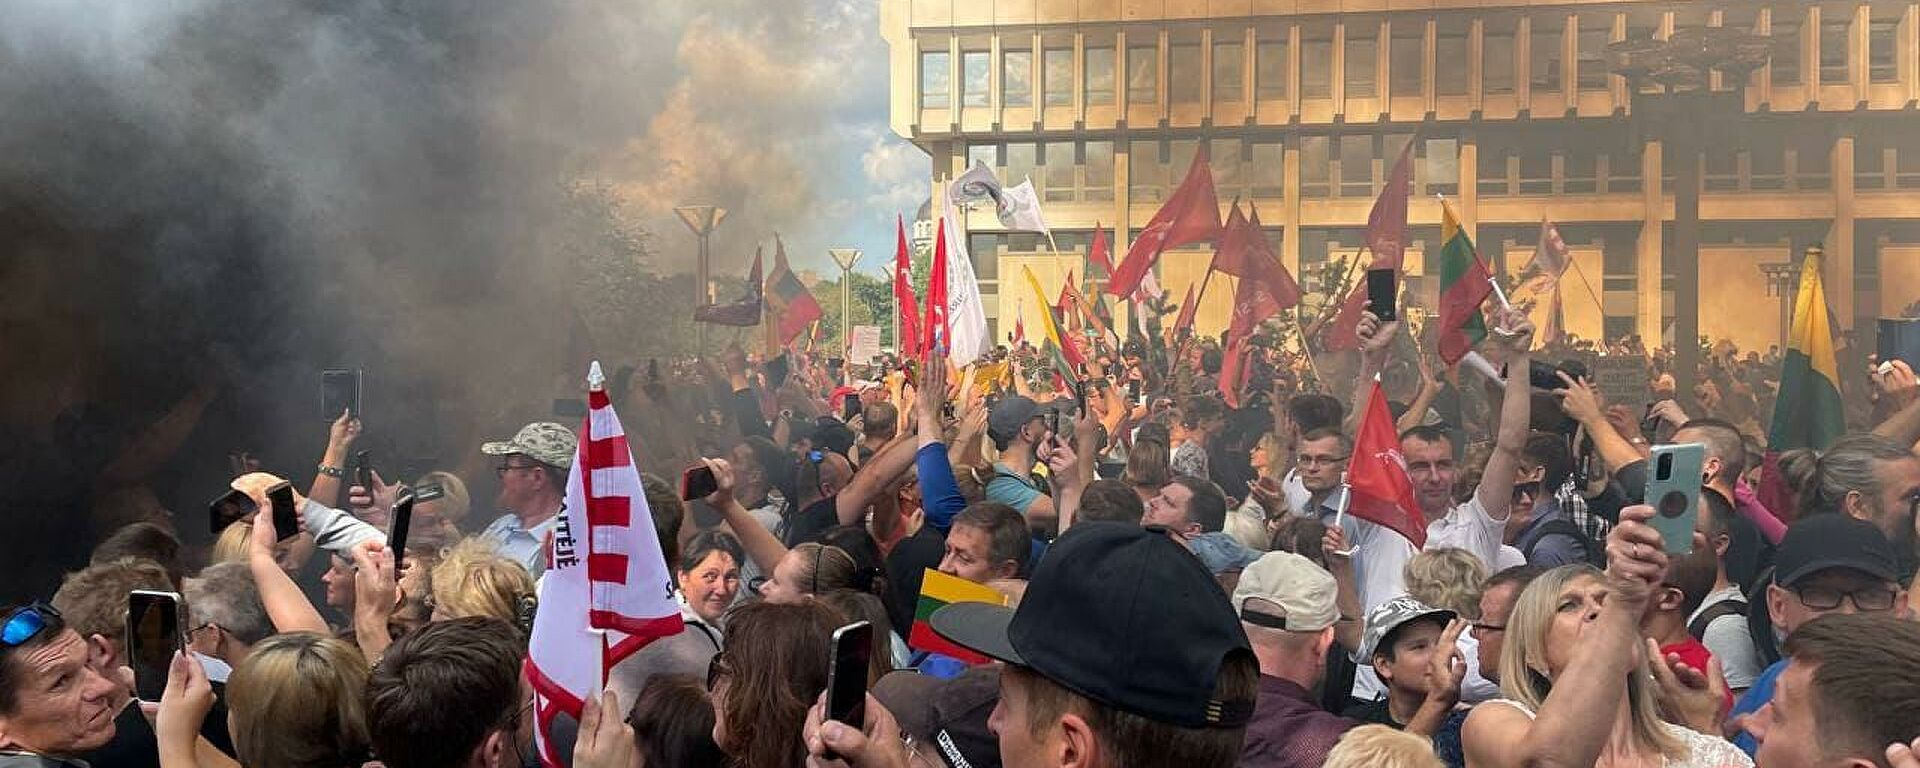 """""""Майдан в Литве"""" - возле здания сейма массовые акции протеста"""